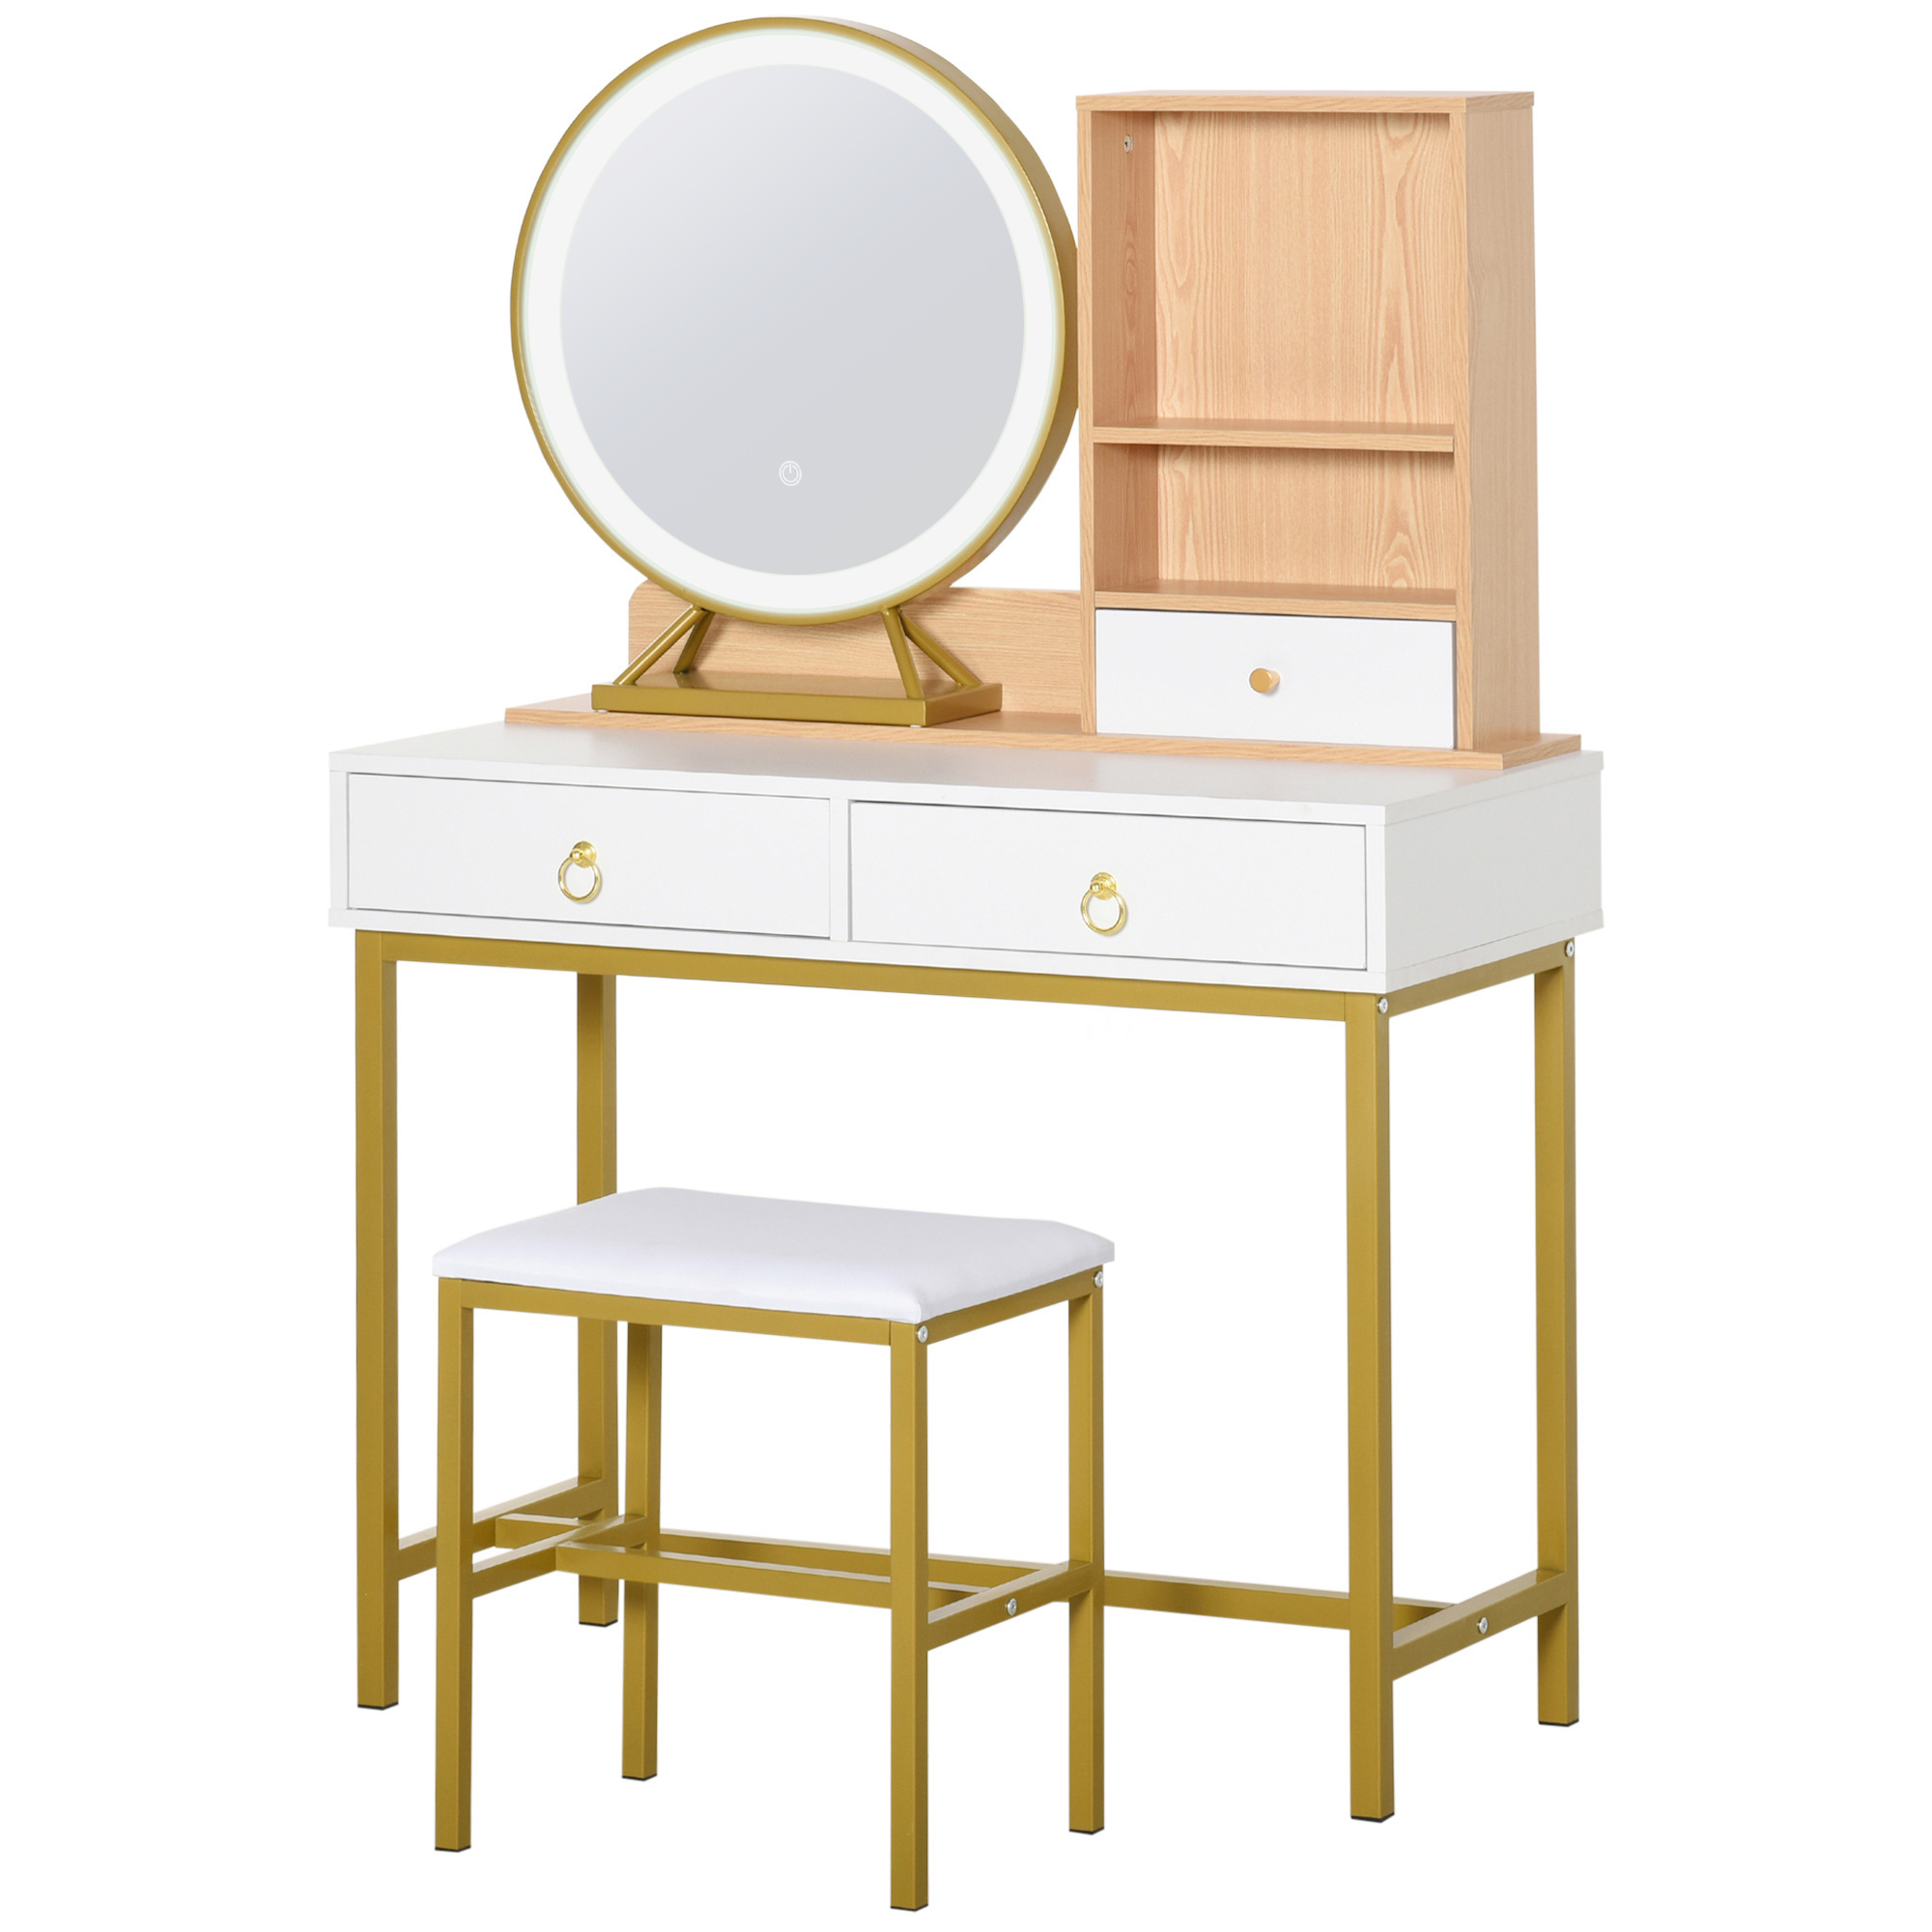 Coiffeuse design art déco avec tabouret et miroir LED